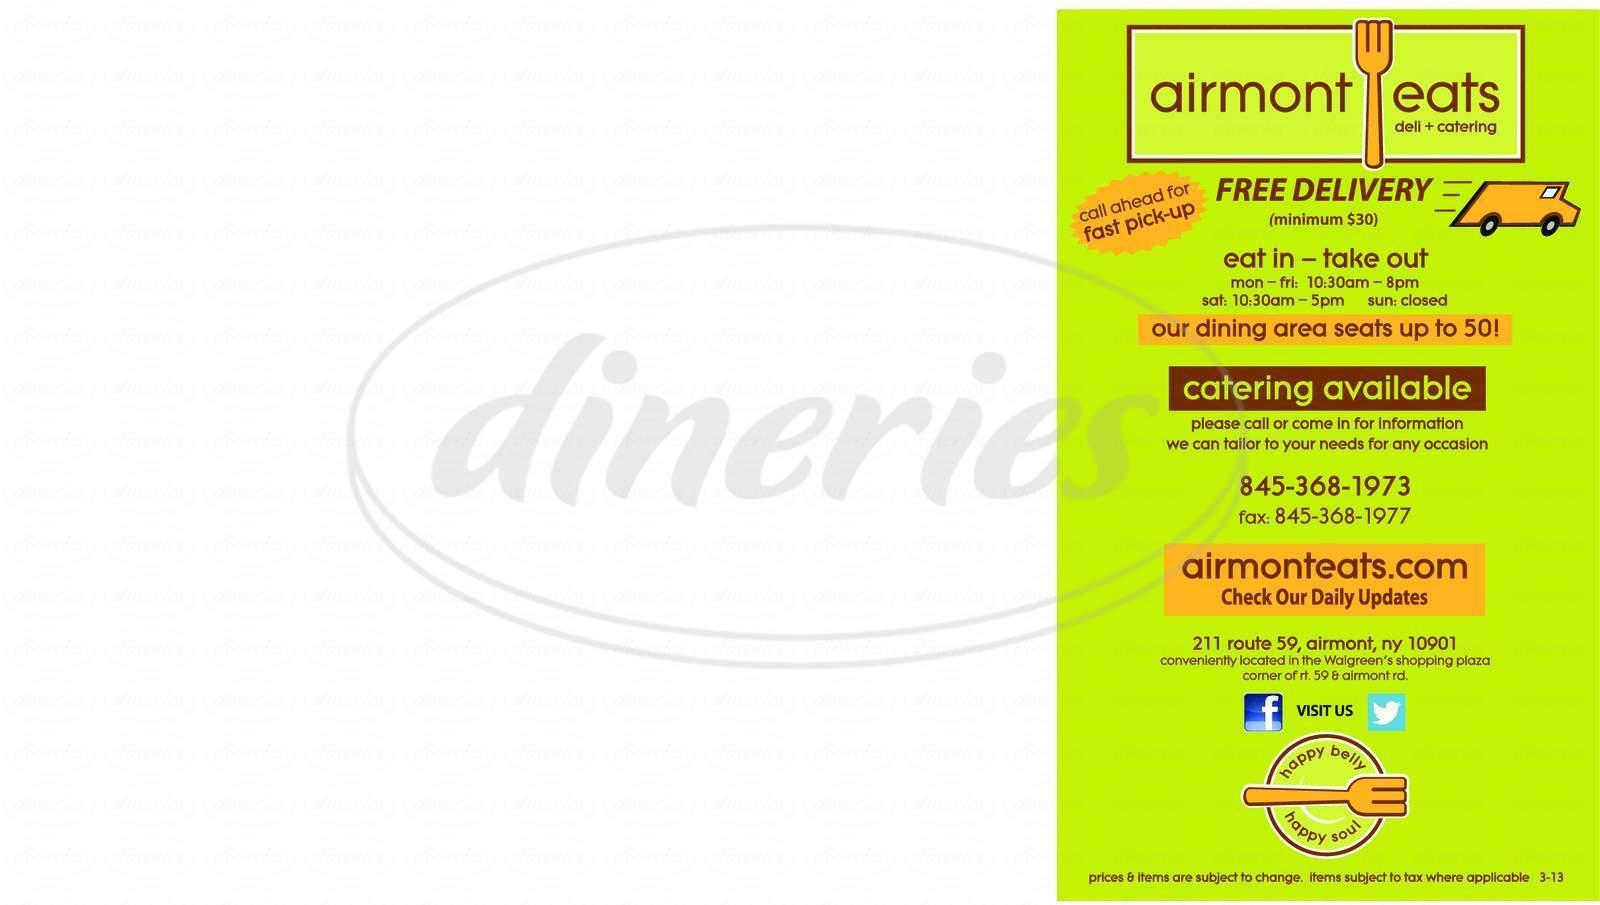 menu for Airmont Eats